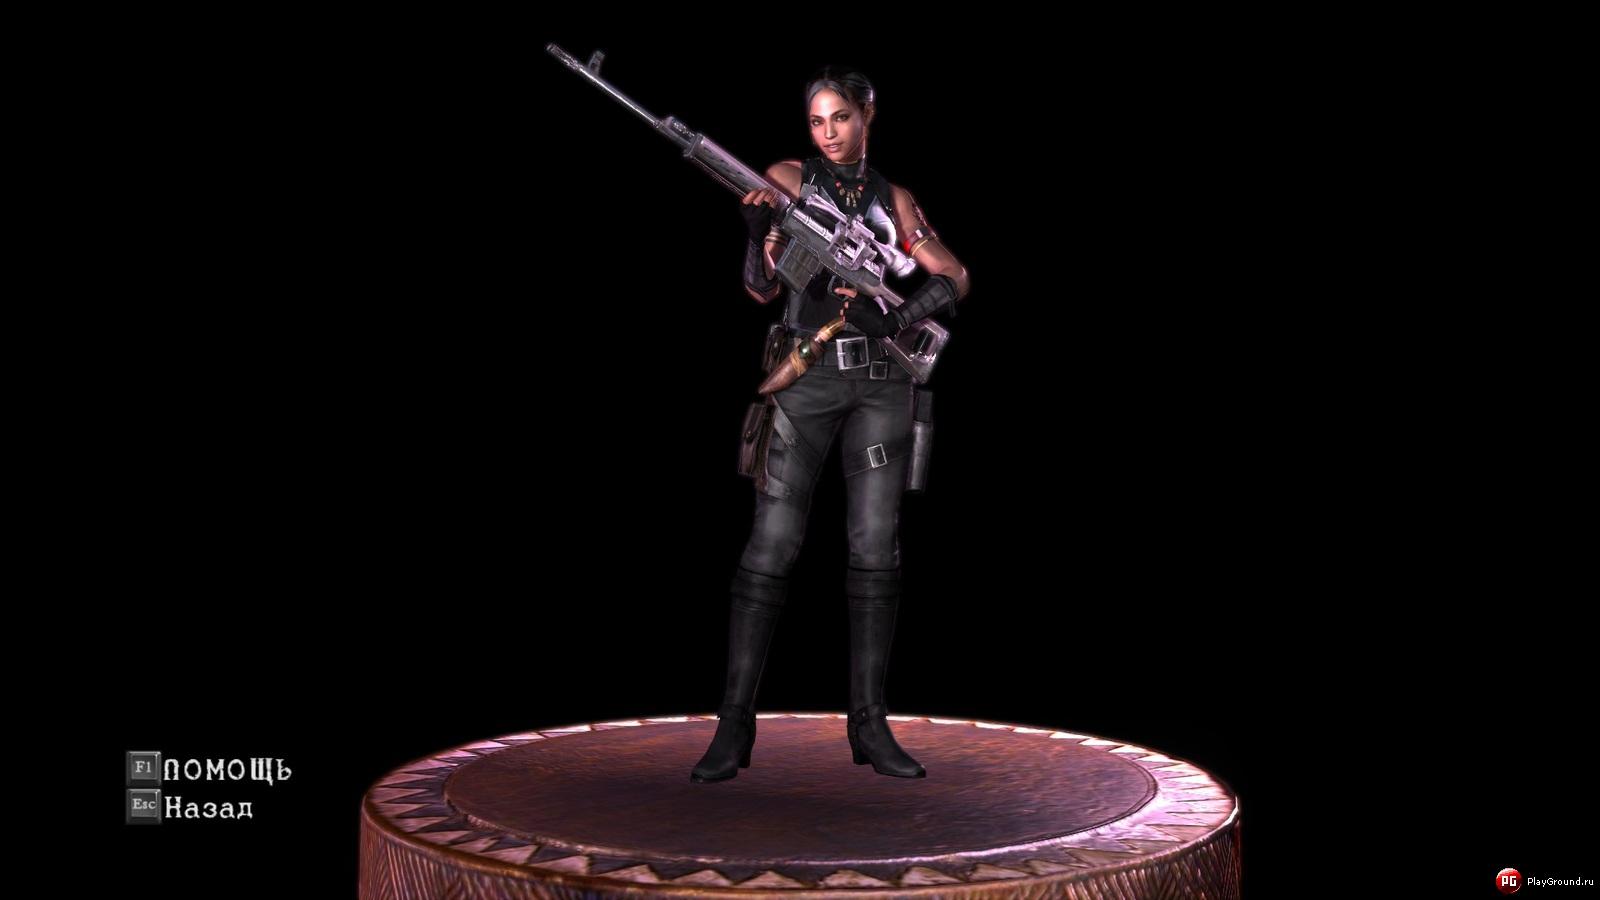 Resident evil 5 sheva cloning mods naked porn star